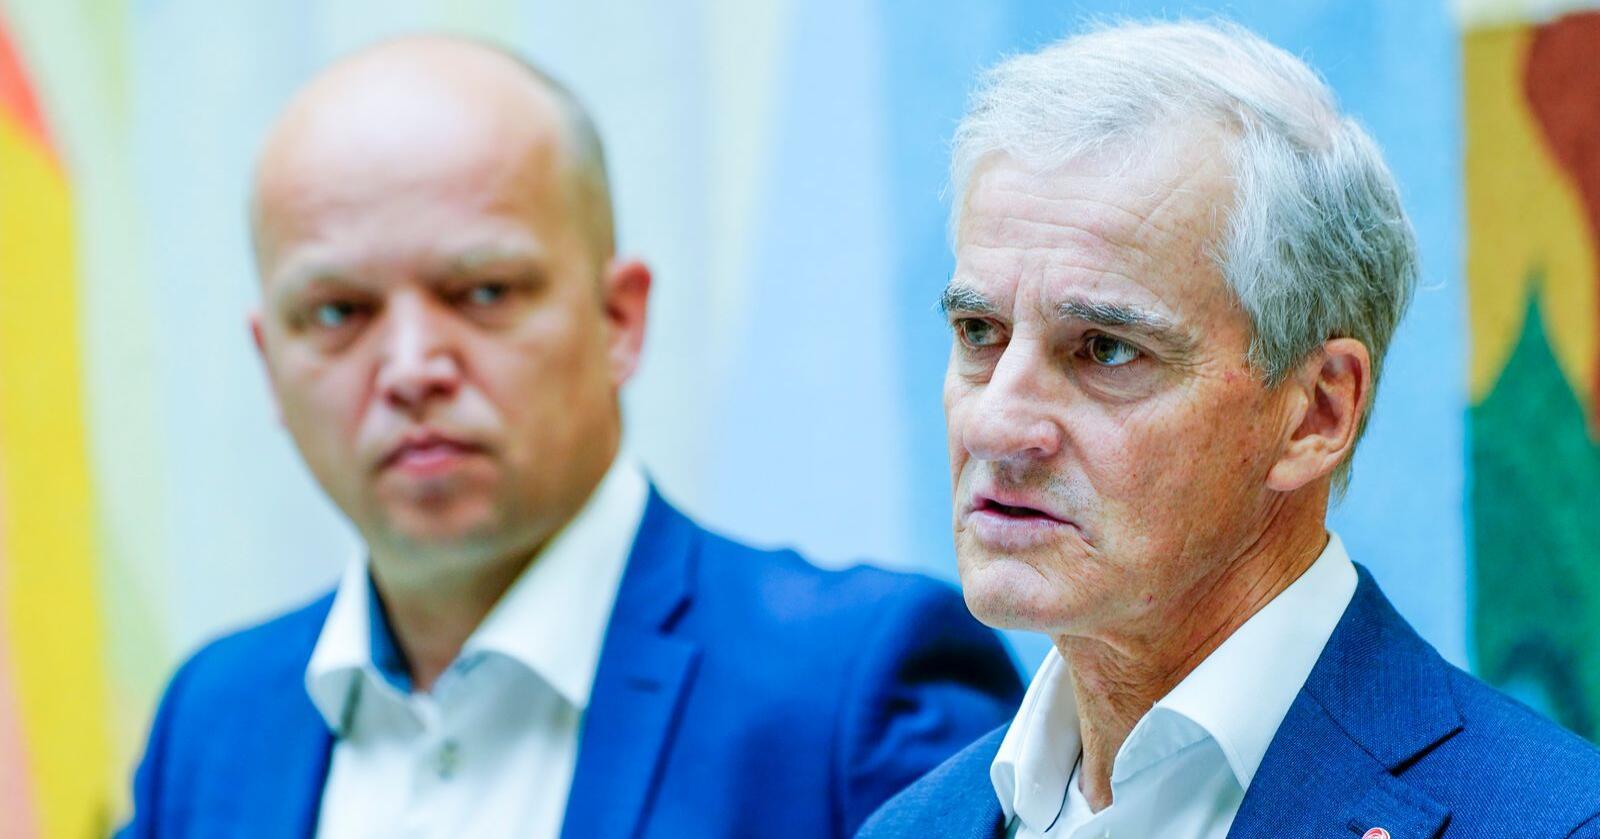 Ap-leder Jonas Gahr Støre (til høyre) har dobbelt så stor oppslutning bant velgerne som Sp-leder Trygve Slagsvold Vedum når spørsmålet er hvem av dem man ønsker seg som statsminister etter høstens valg. Foto: Terje Pedersen / NTB